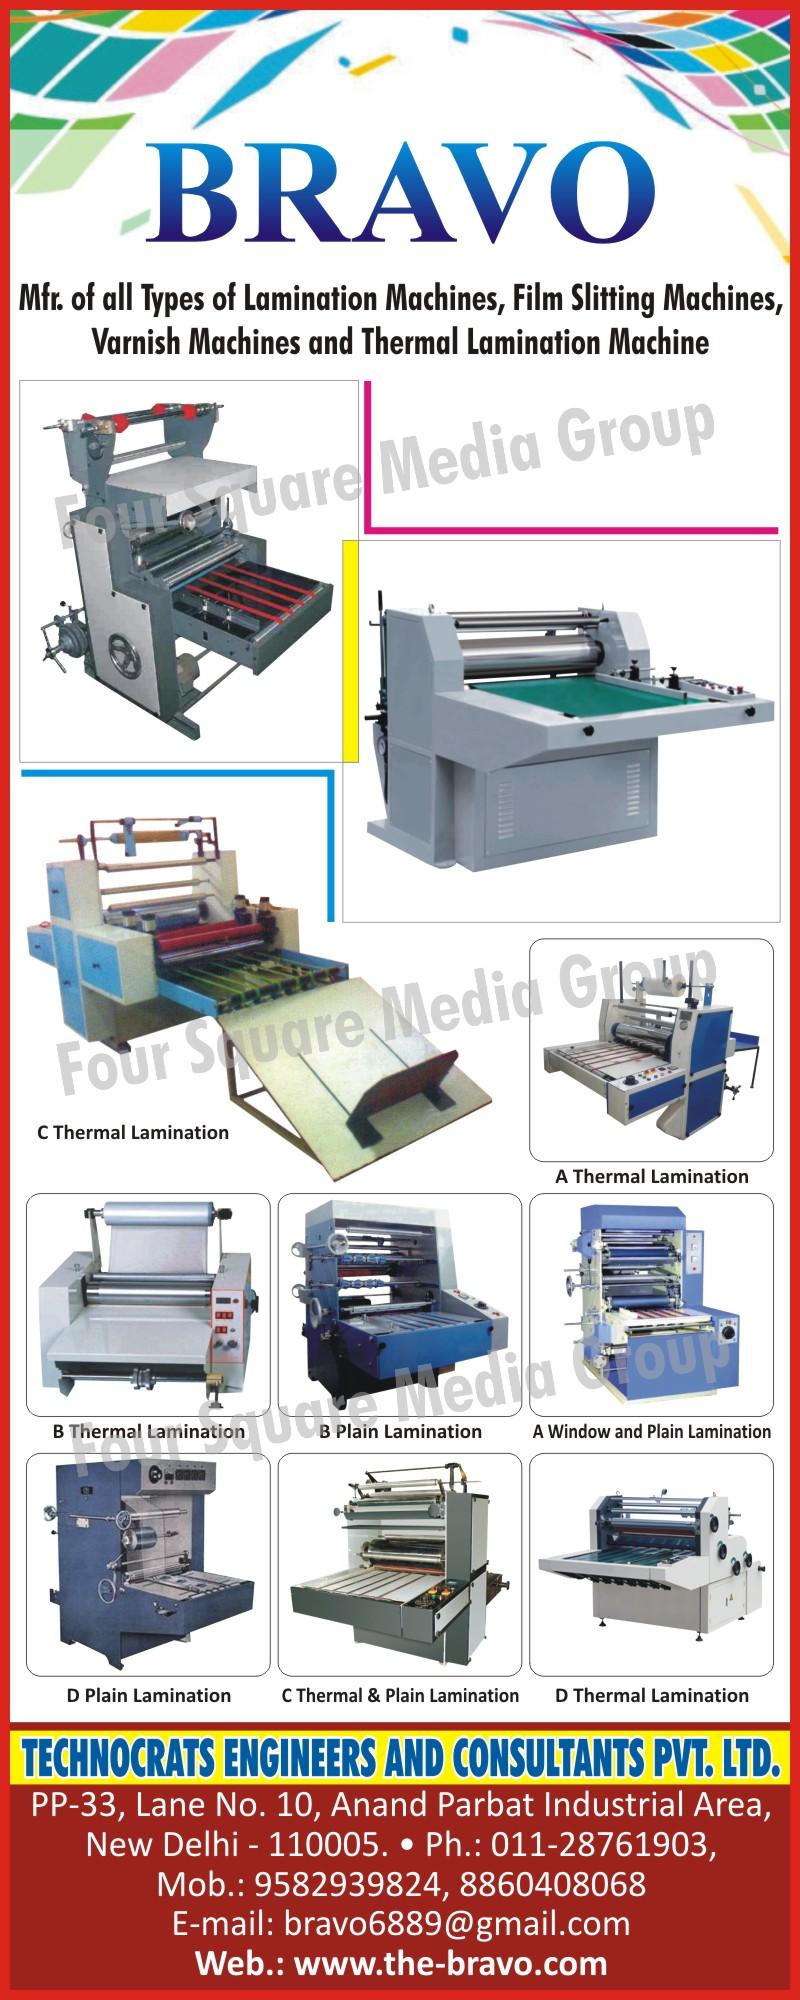 Lamination Machines, Film Slitting Machines, Varnish Machines, Thermal Lamination Machines,C Thermal Laminations, Plain Laminations, Window Laminations